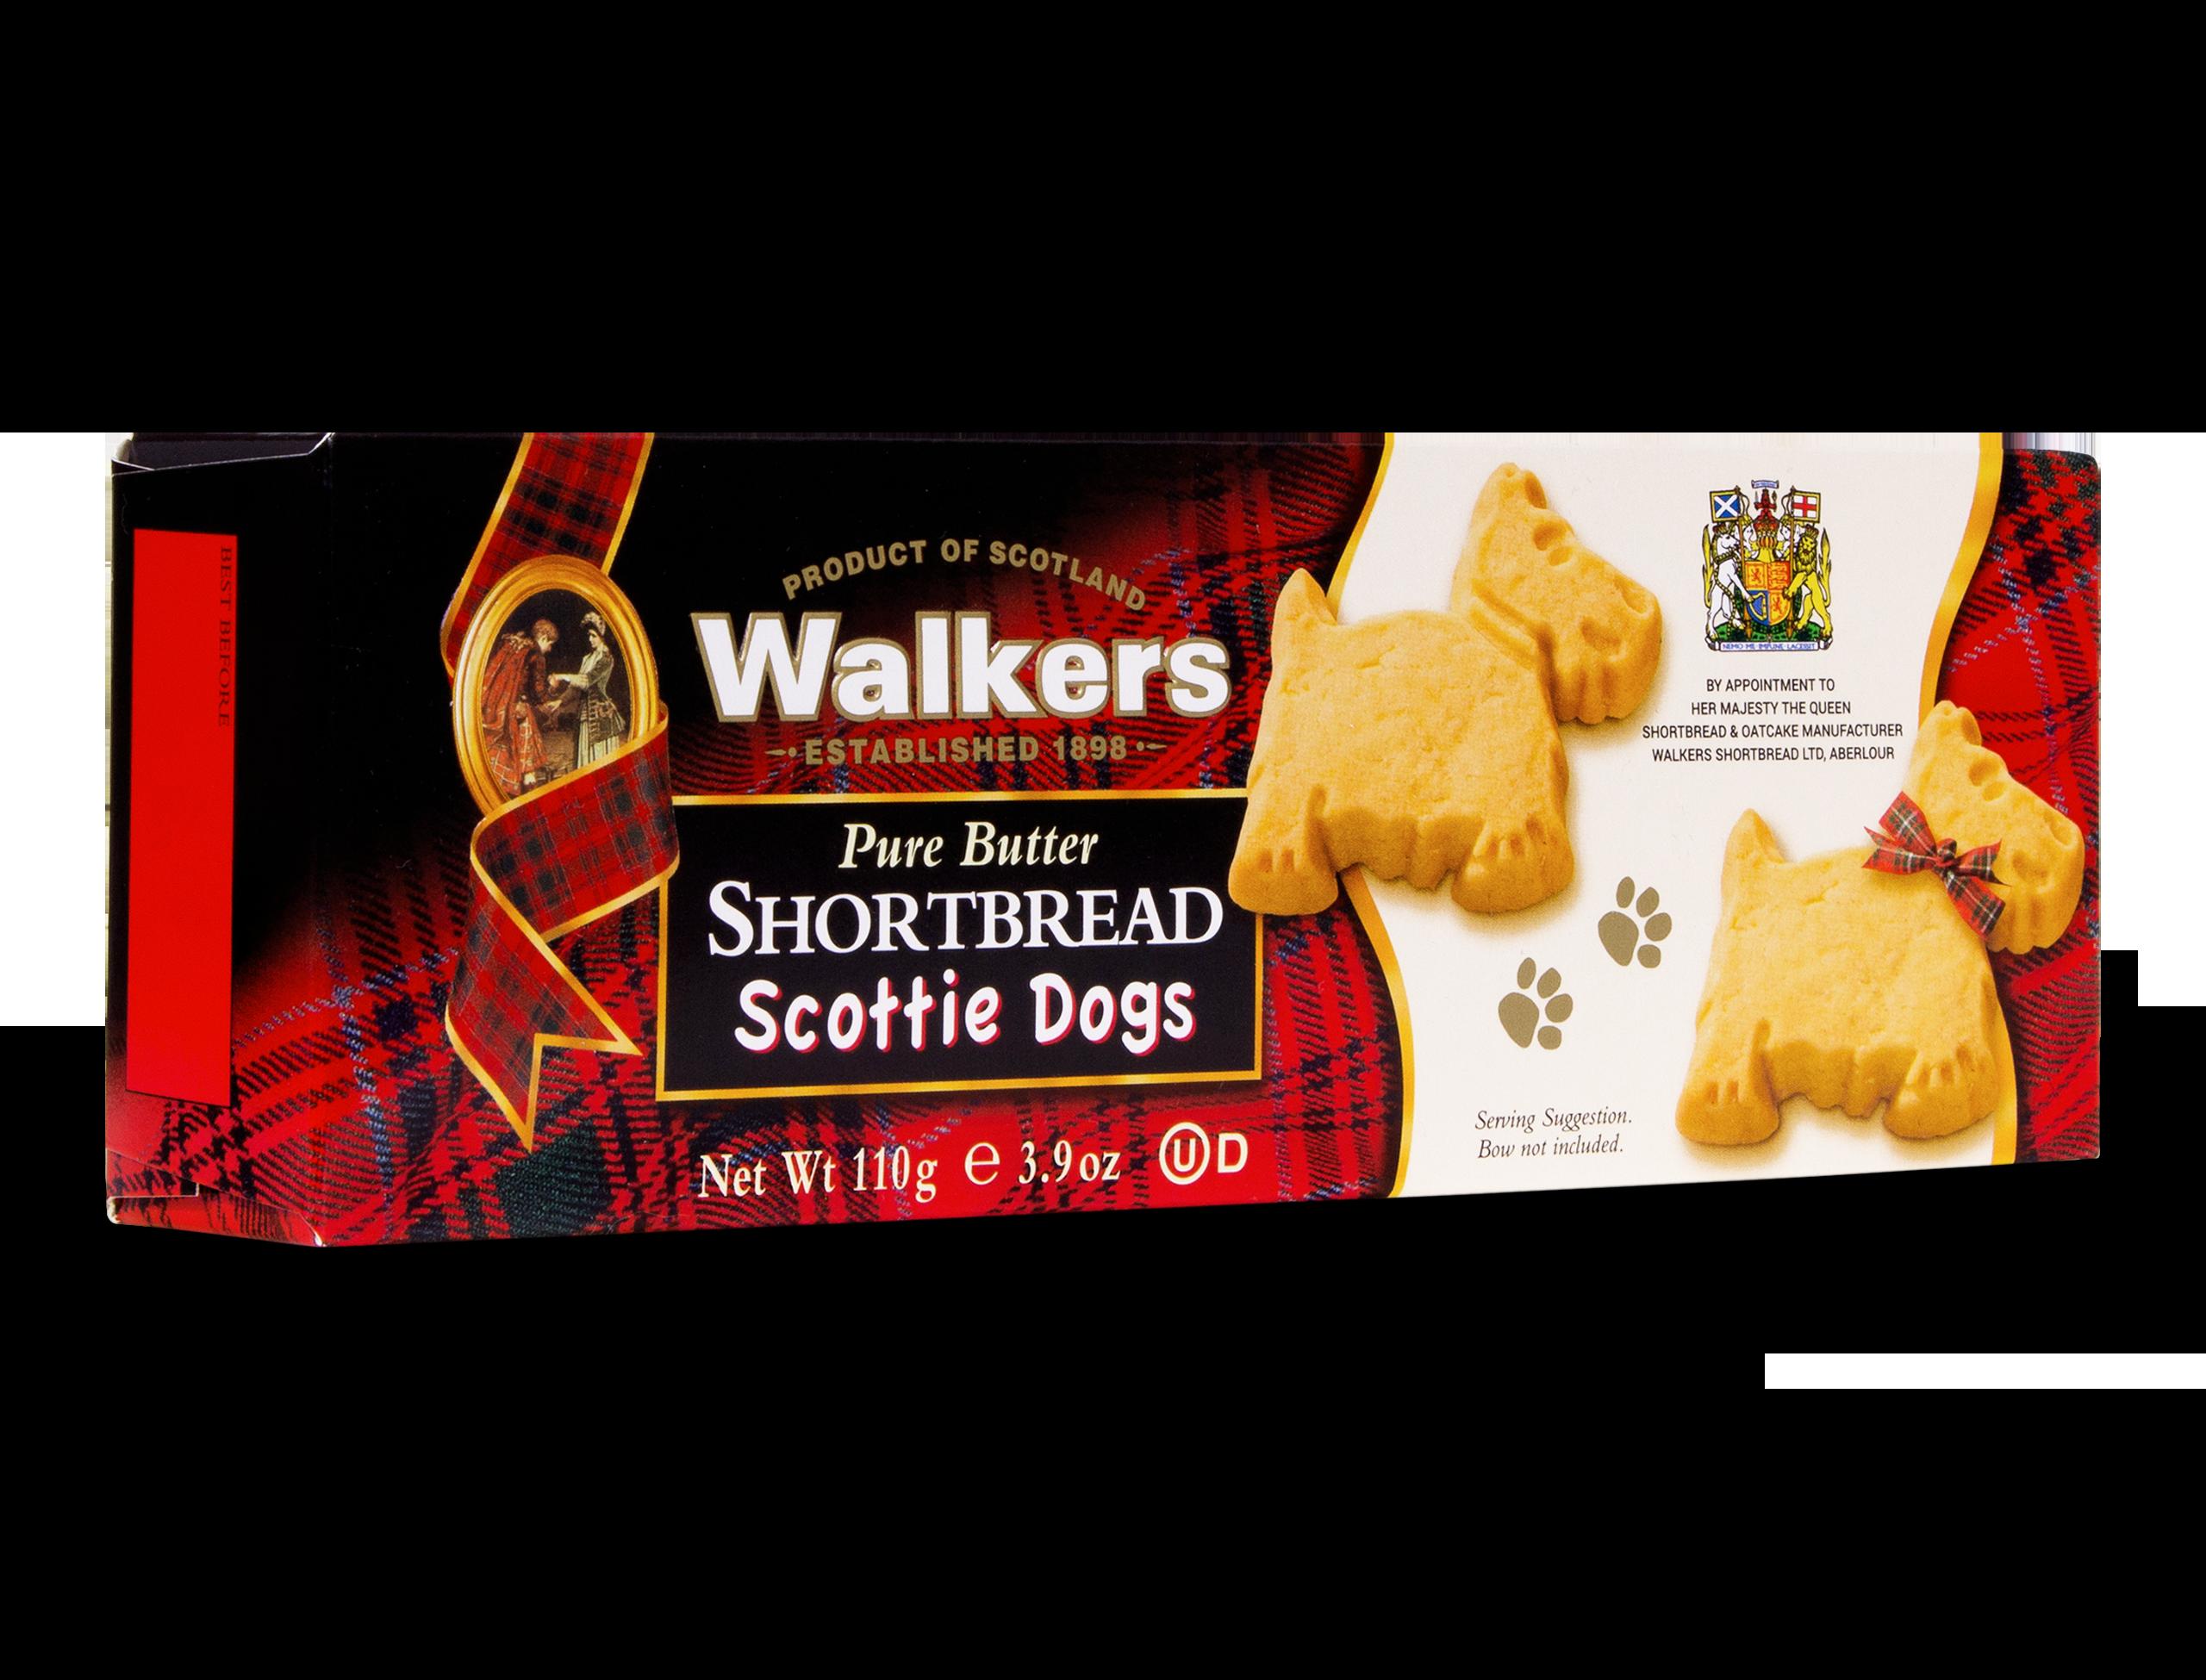 Shortbread Scottie Dogs